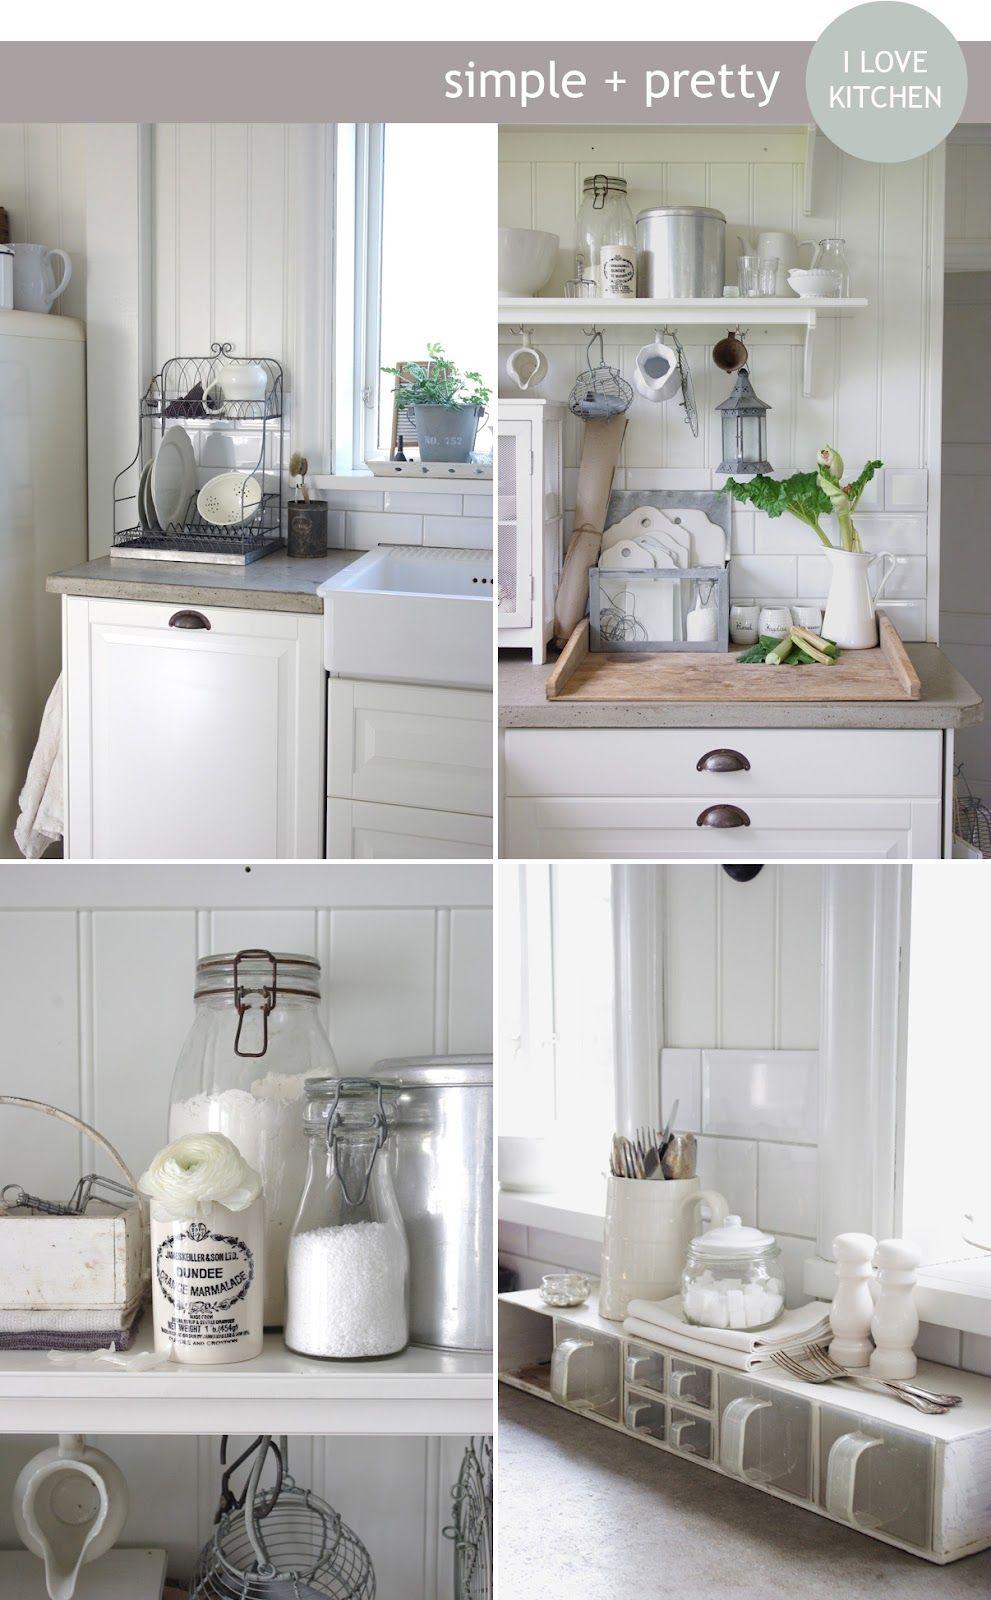 Arredamento Cucina Stile Nordico stile nordico: semplice e originale   interni shabby chic